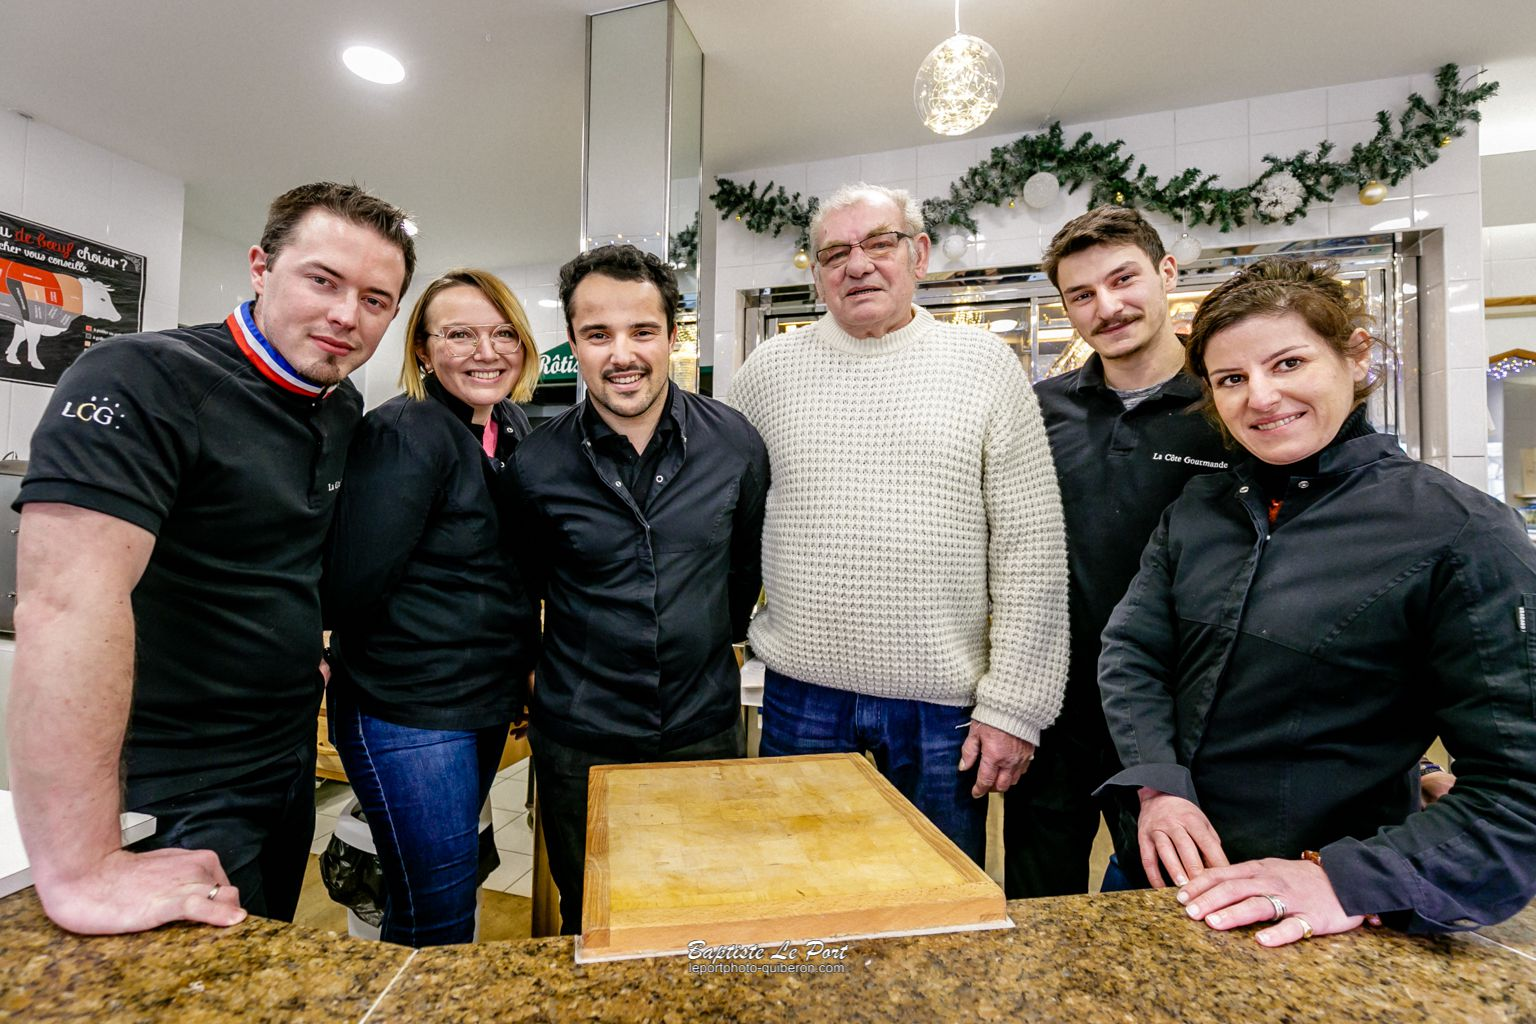 10 décembre - Reportage d'entreprise à la Côte Gourmande